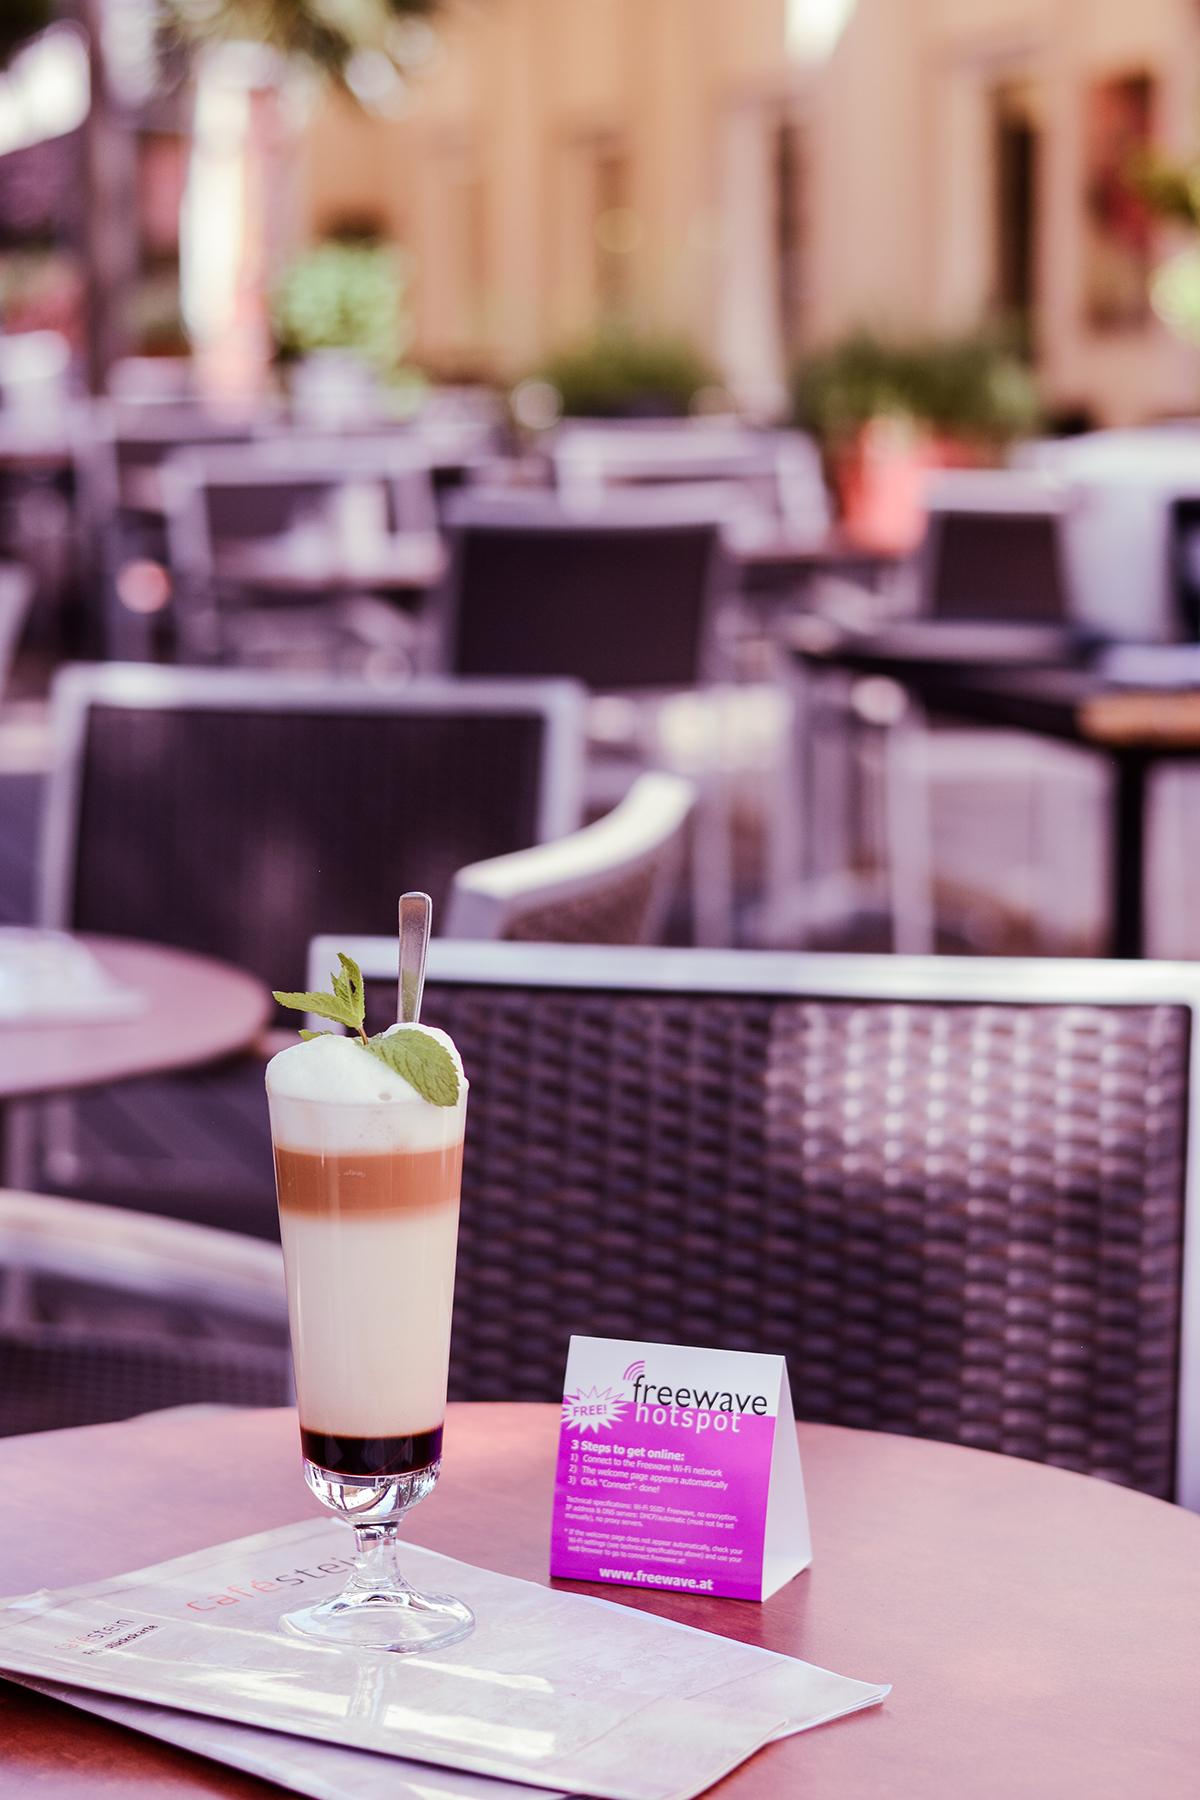 Cafe Stein Gastgarten |Freewave